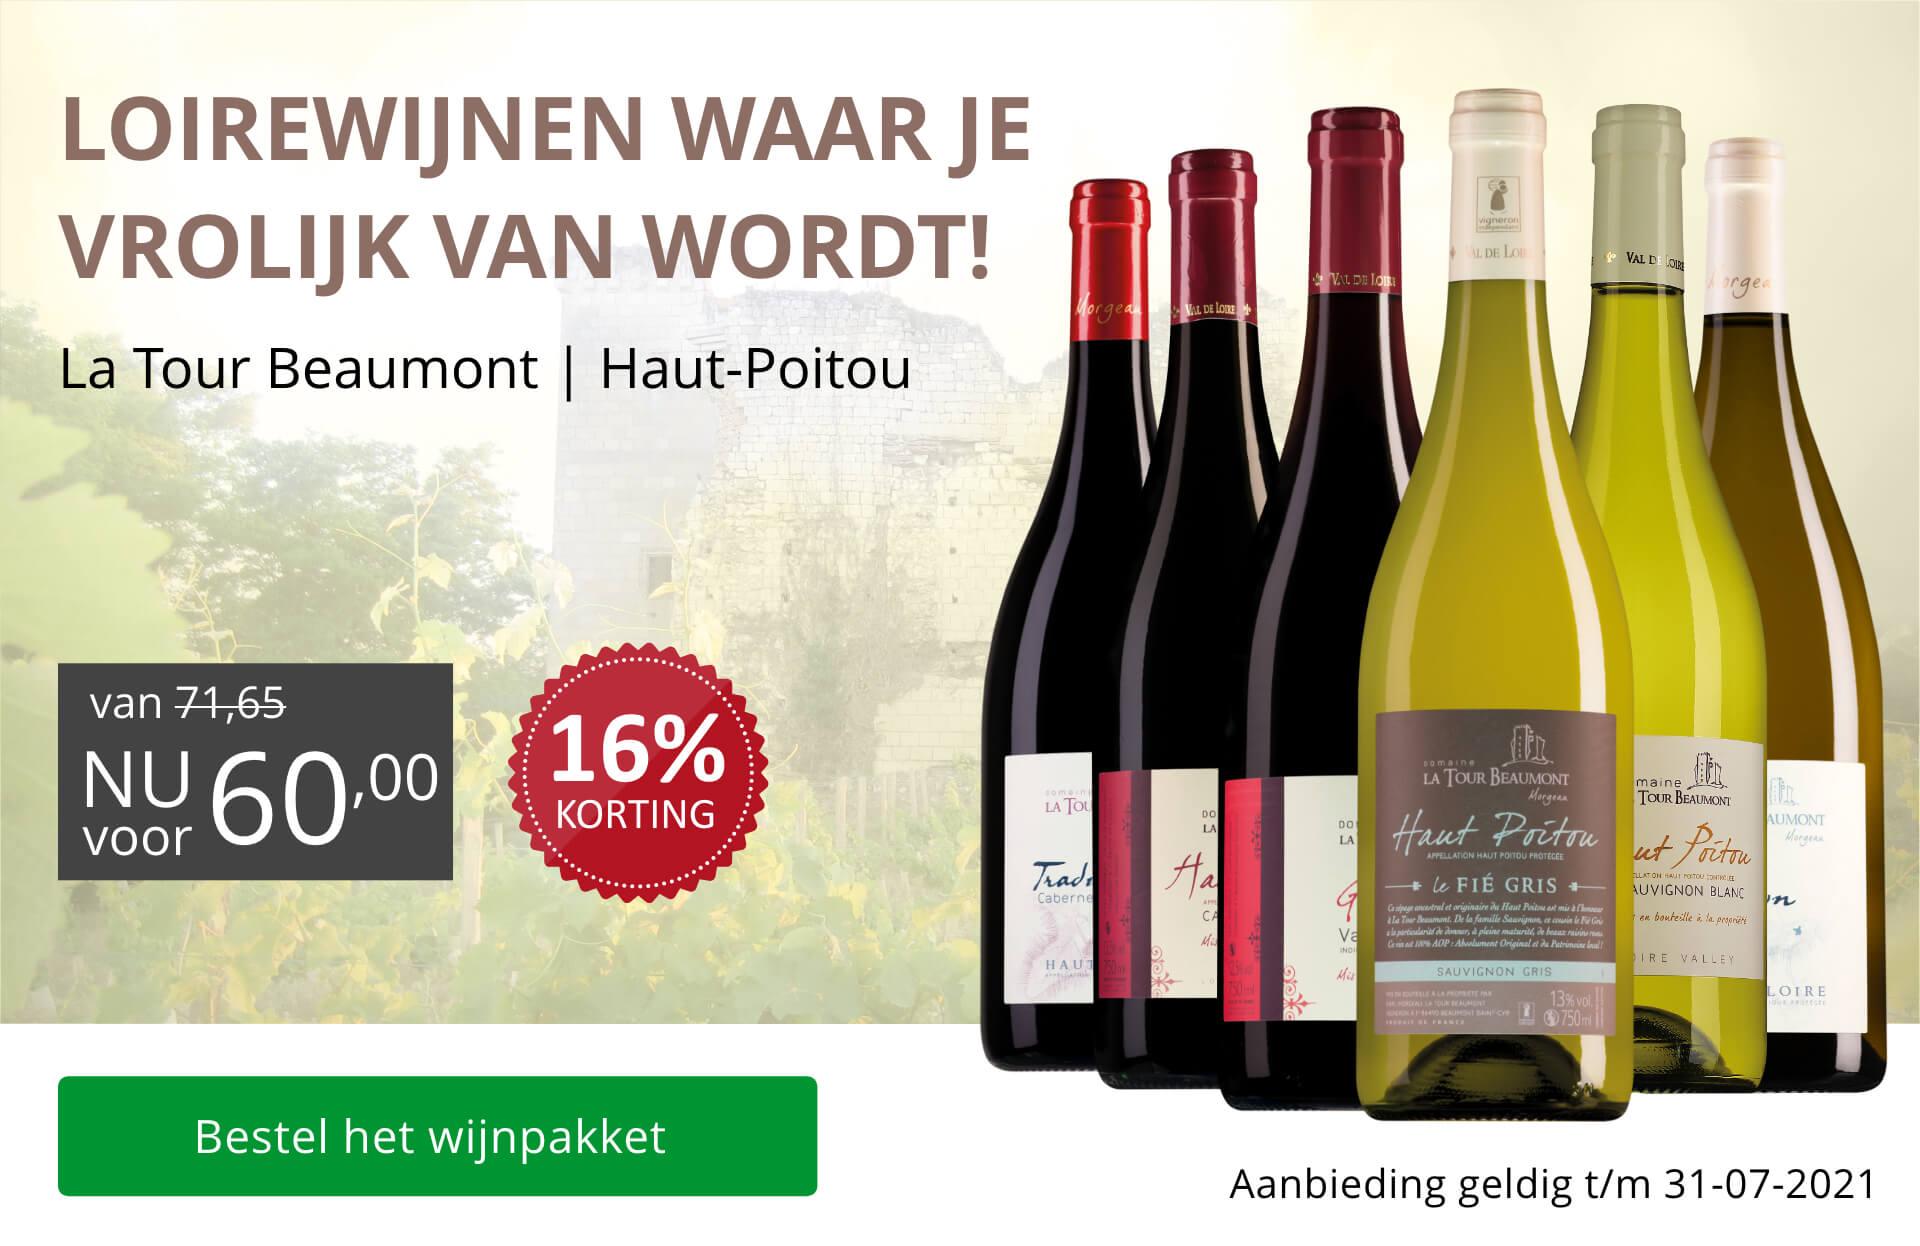 Wijnpakket La Tour Beaumont(60,00)